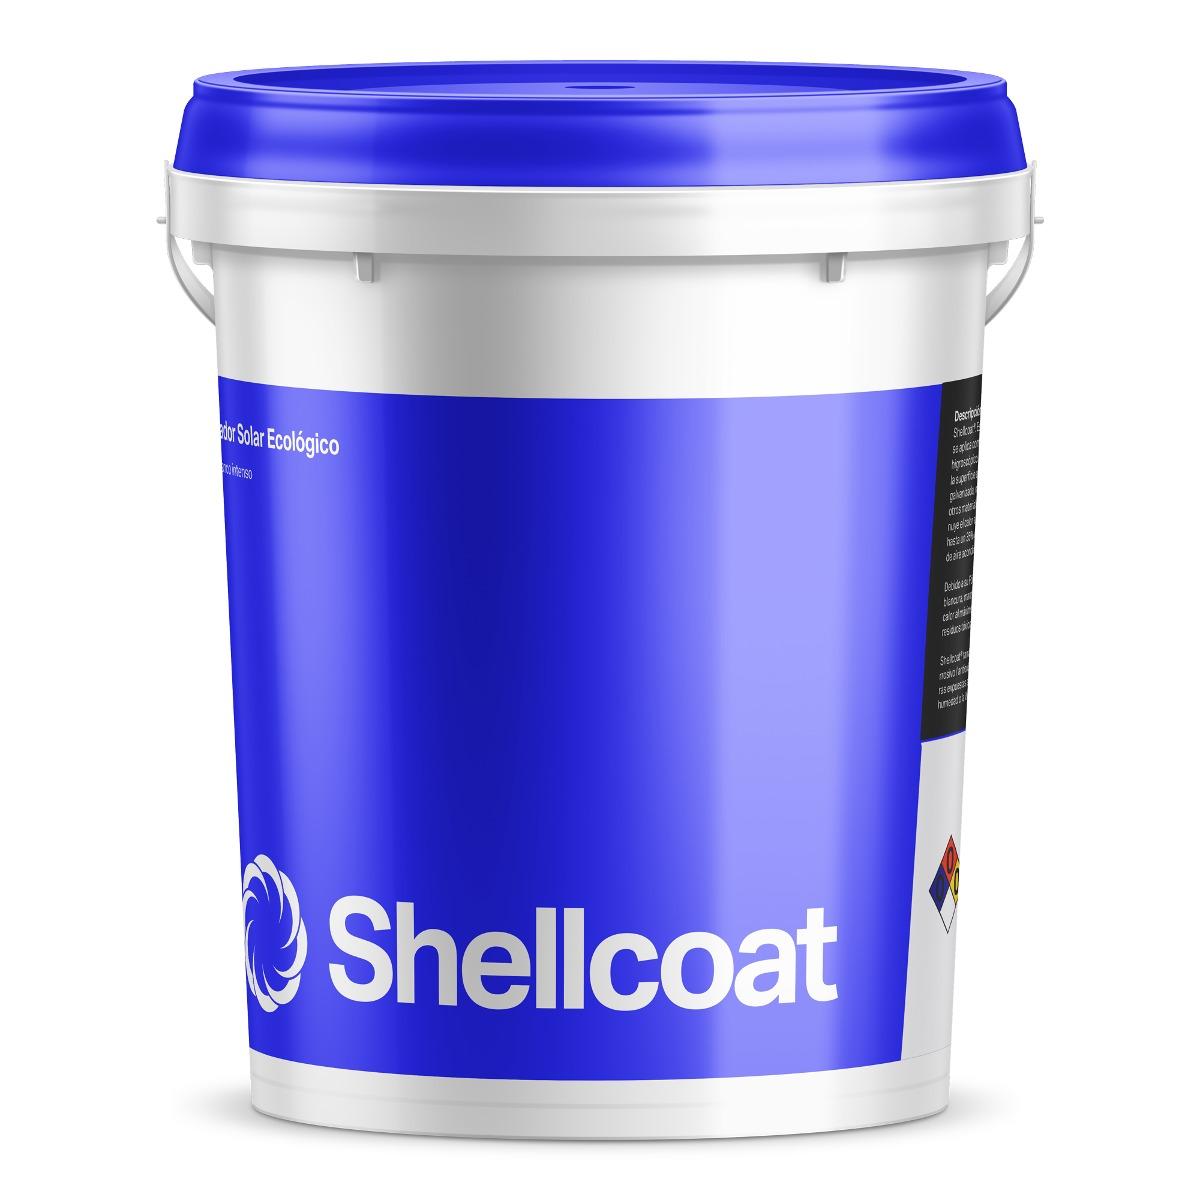 Pintura aislante t rmico para techos y paredes shellcoat - Mejor aislante termico para paredes ...